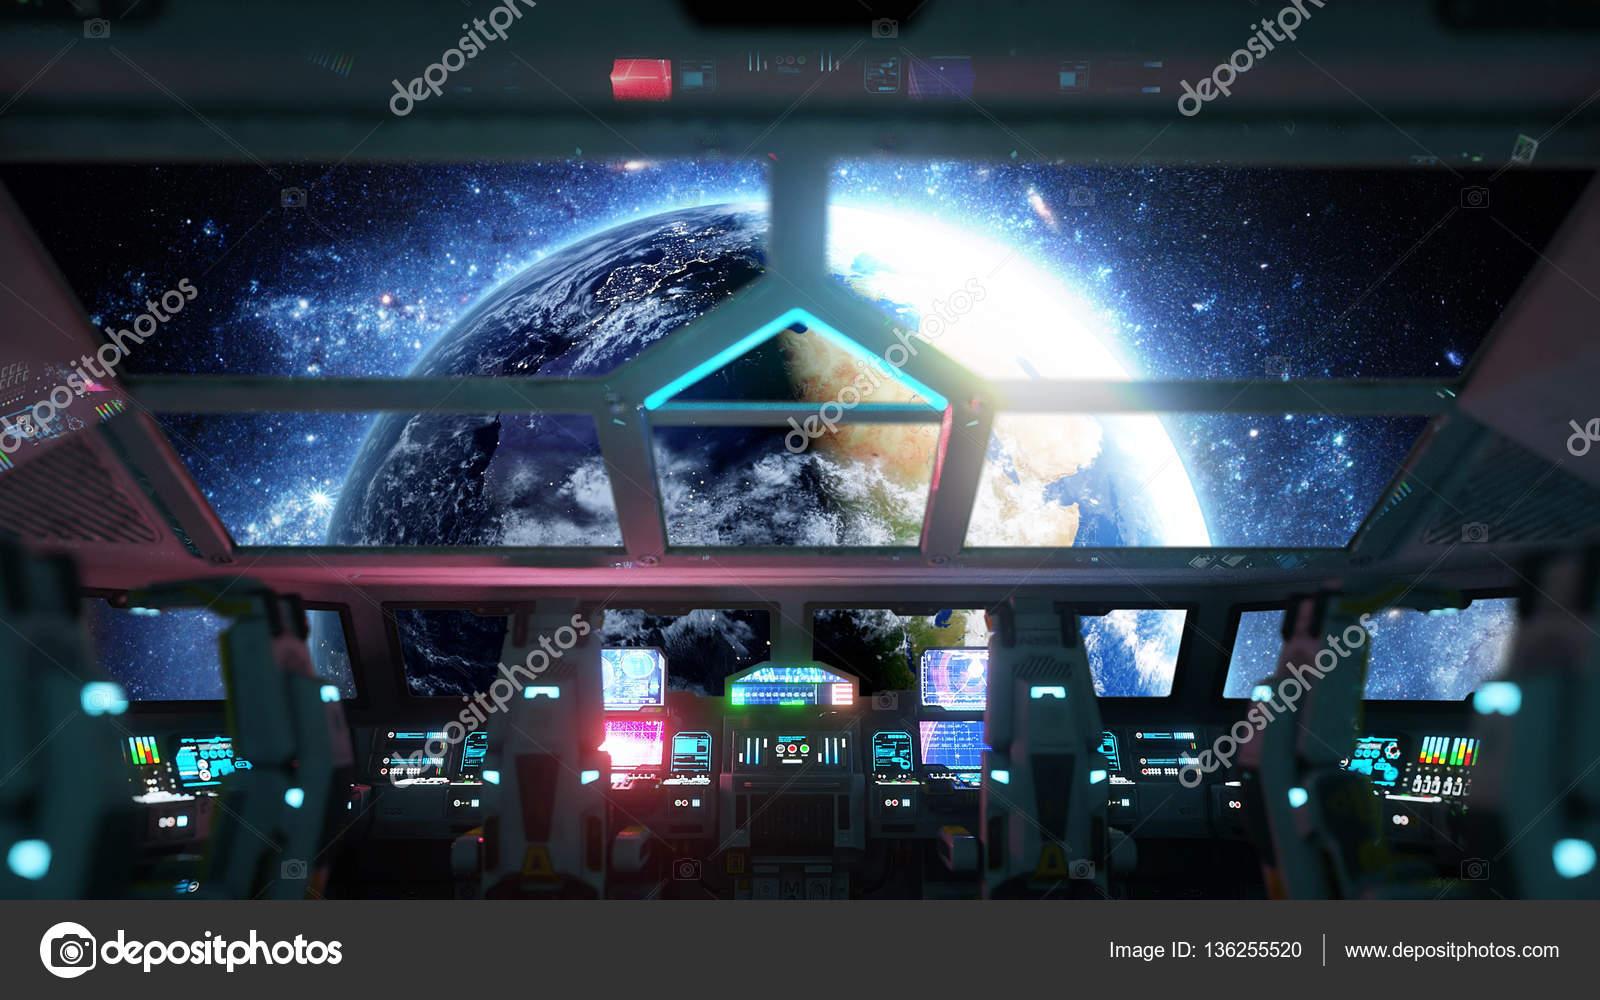 Interior De Ventana De Nave Espacial: Nave Espacial Futurista Interior. Vista De La Cabina